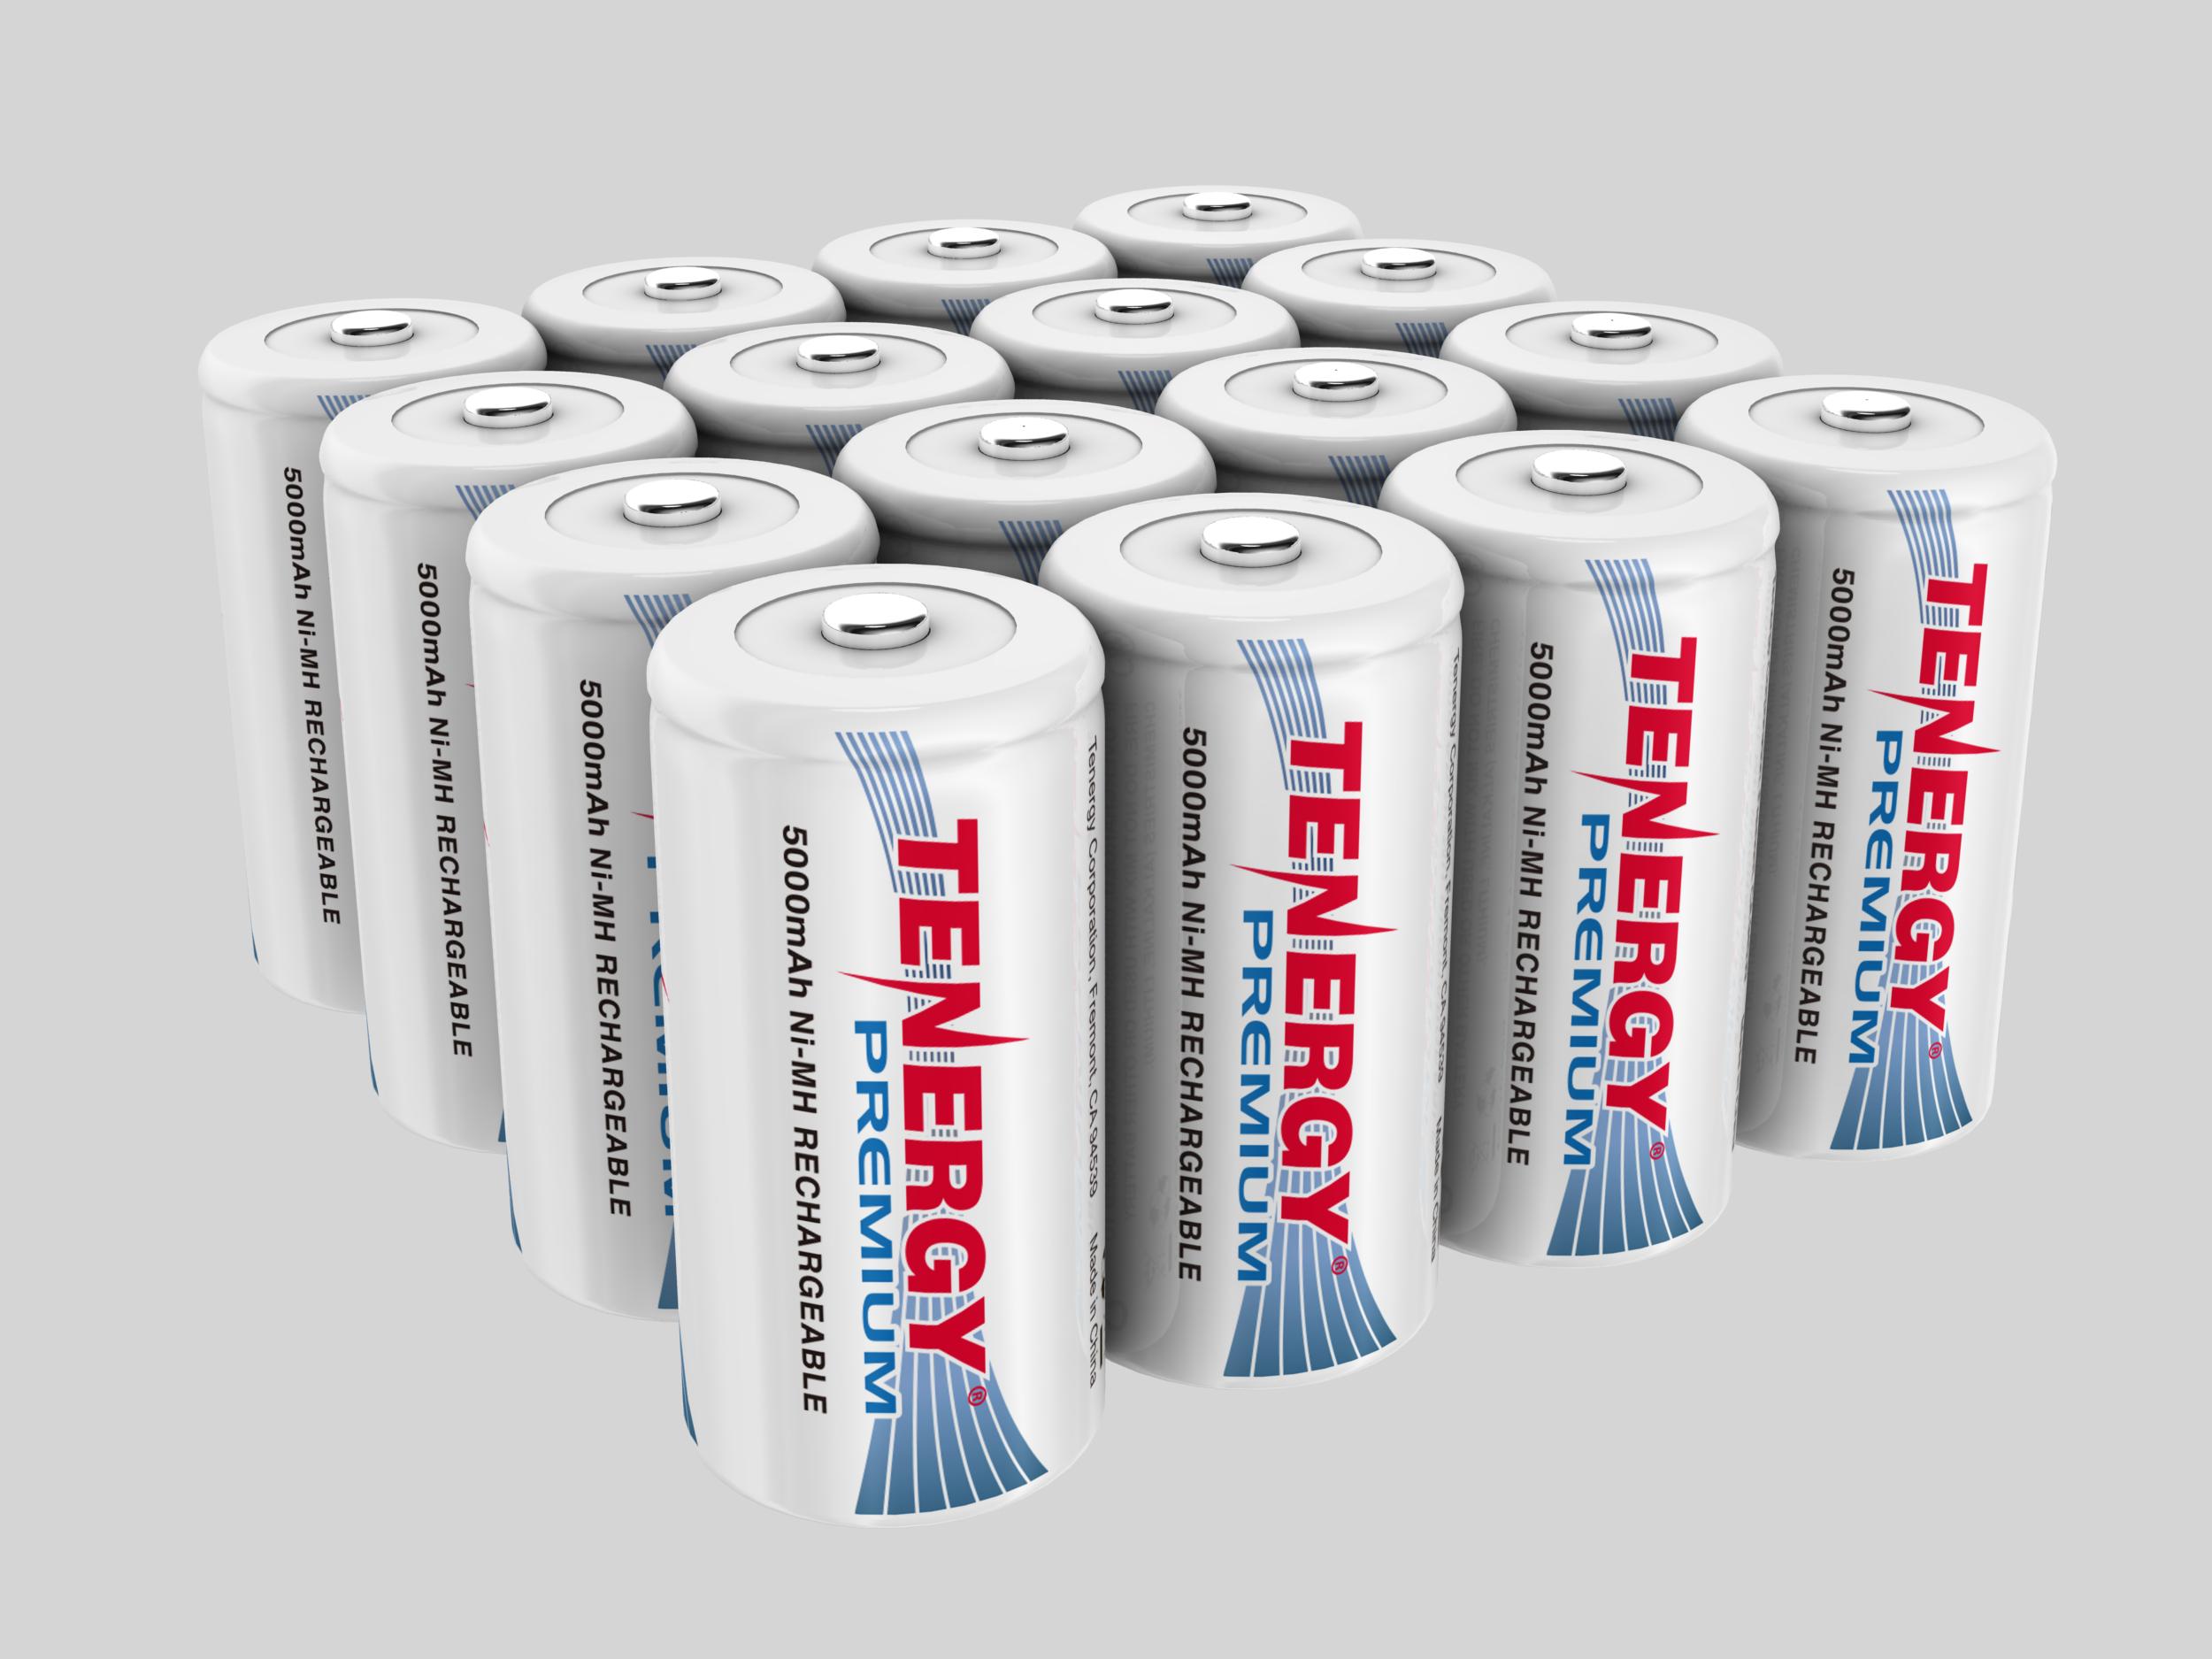 Combo Tenergy Premium Nimh C 5000mah Rechargeable Batteries 8 Pack Rechargeable Batteries Nimh Recharge